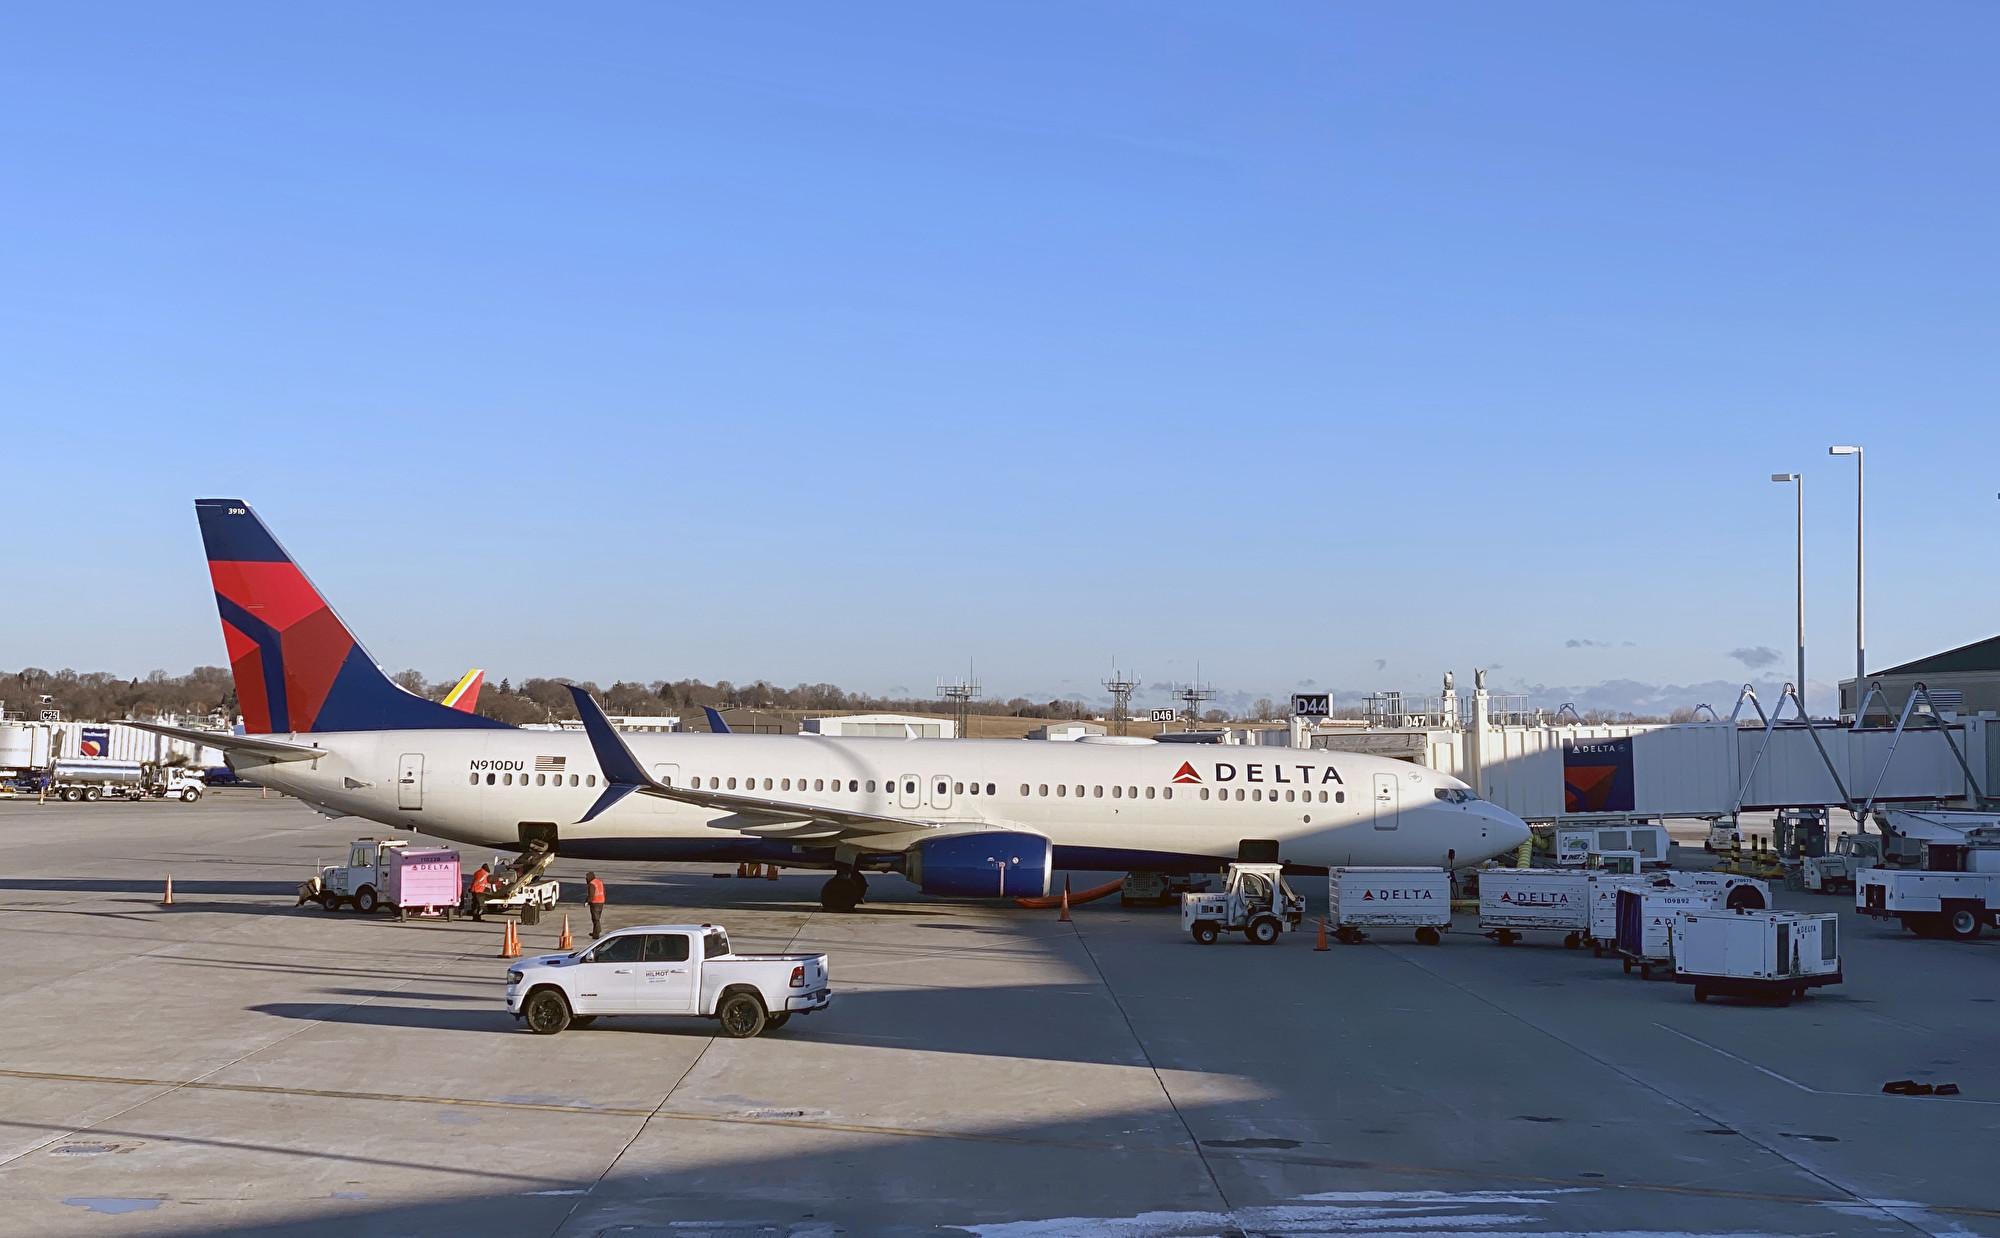 2020年1月8日,一架達美航空飛機在威斯康辛州的密爾沃基米切爾國際機場(Milwaukee Mitchell International Airport)的停機坪上。(Daniel SLIM / AFP)